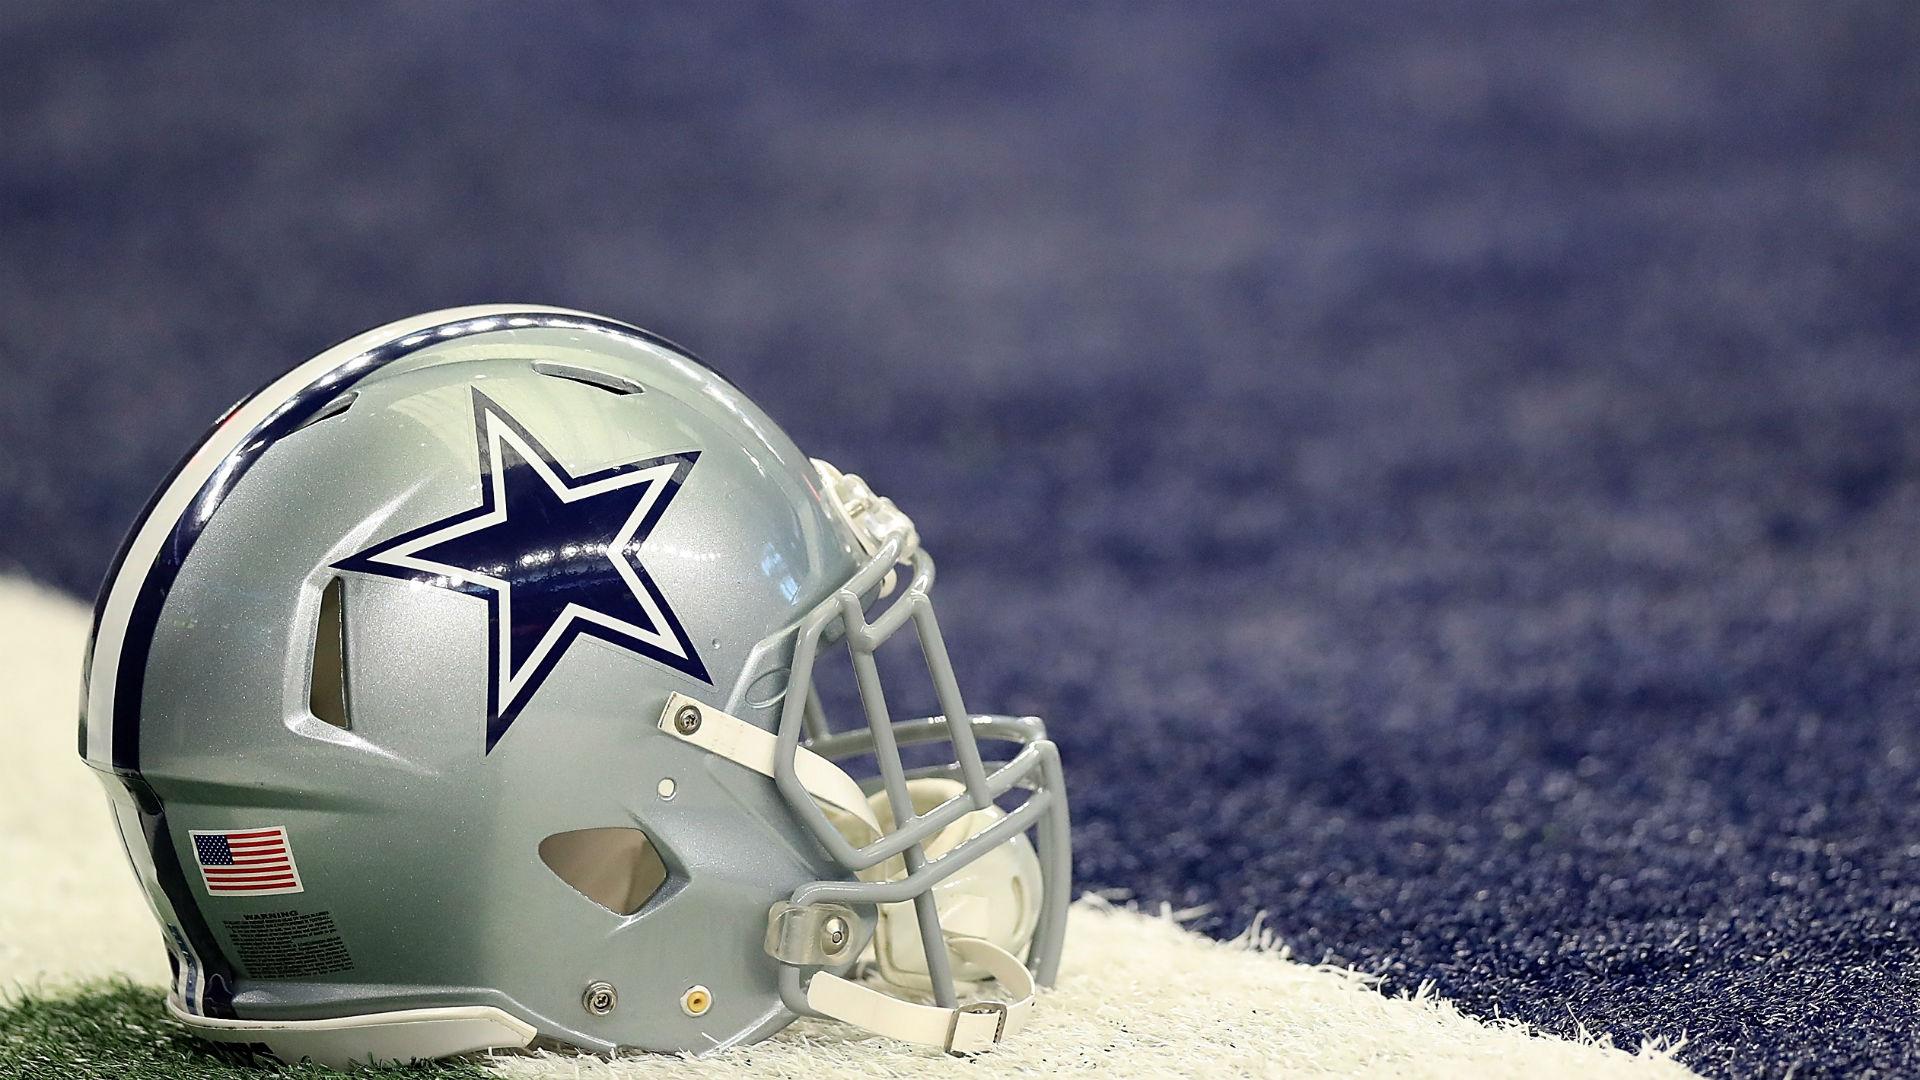 cowboys-helmet-021018-getty-ftr